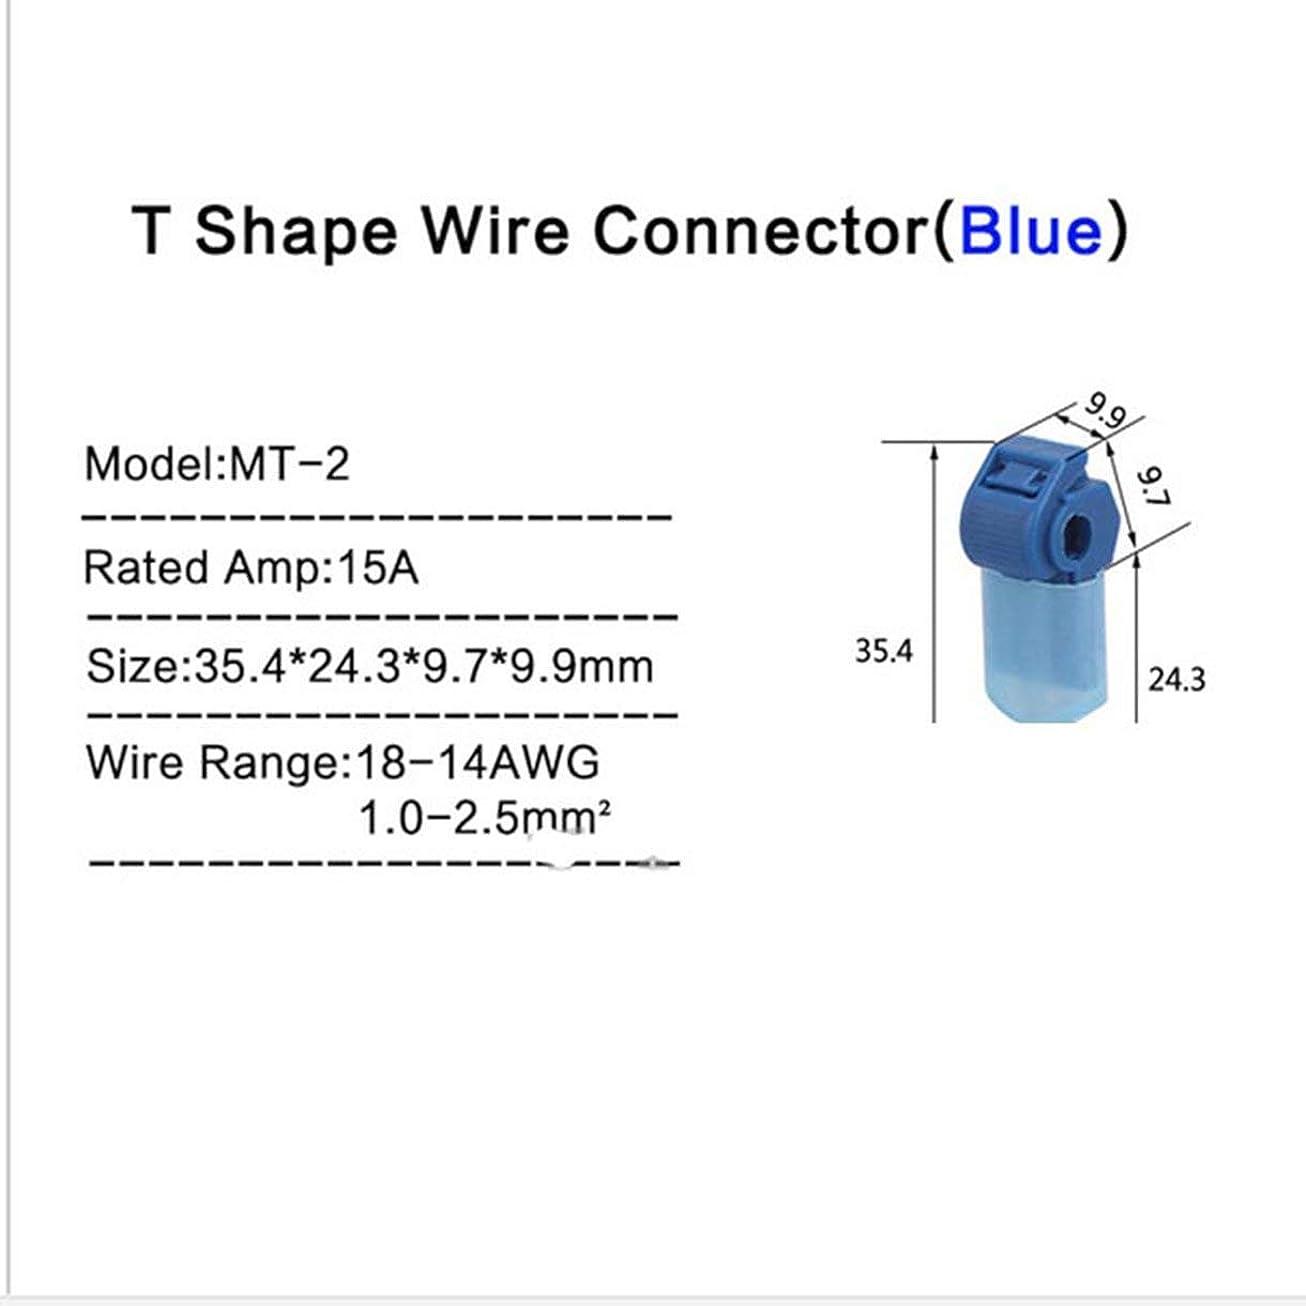 マイクロフォンそよ風租界Electric Wire Cable Connectors Quick Splice